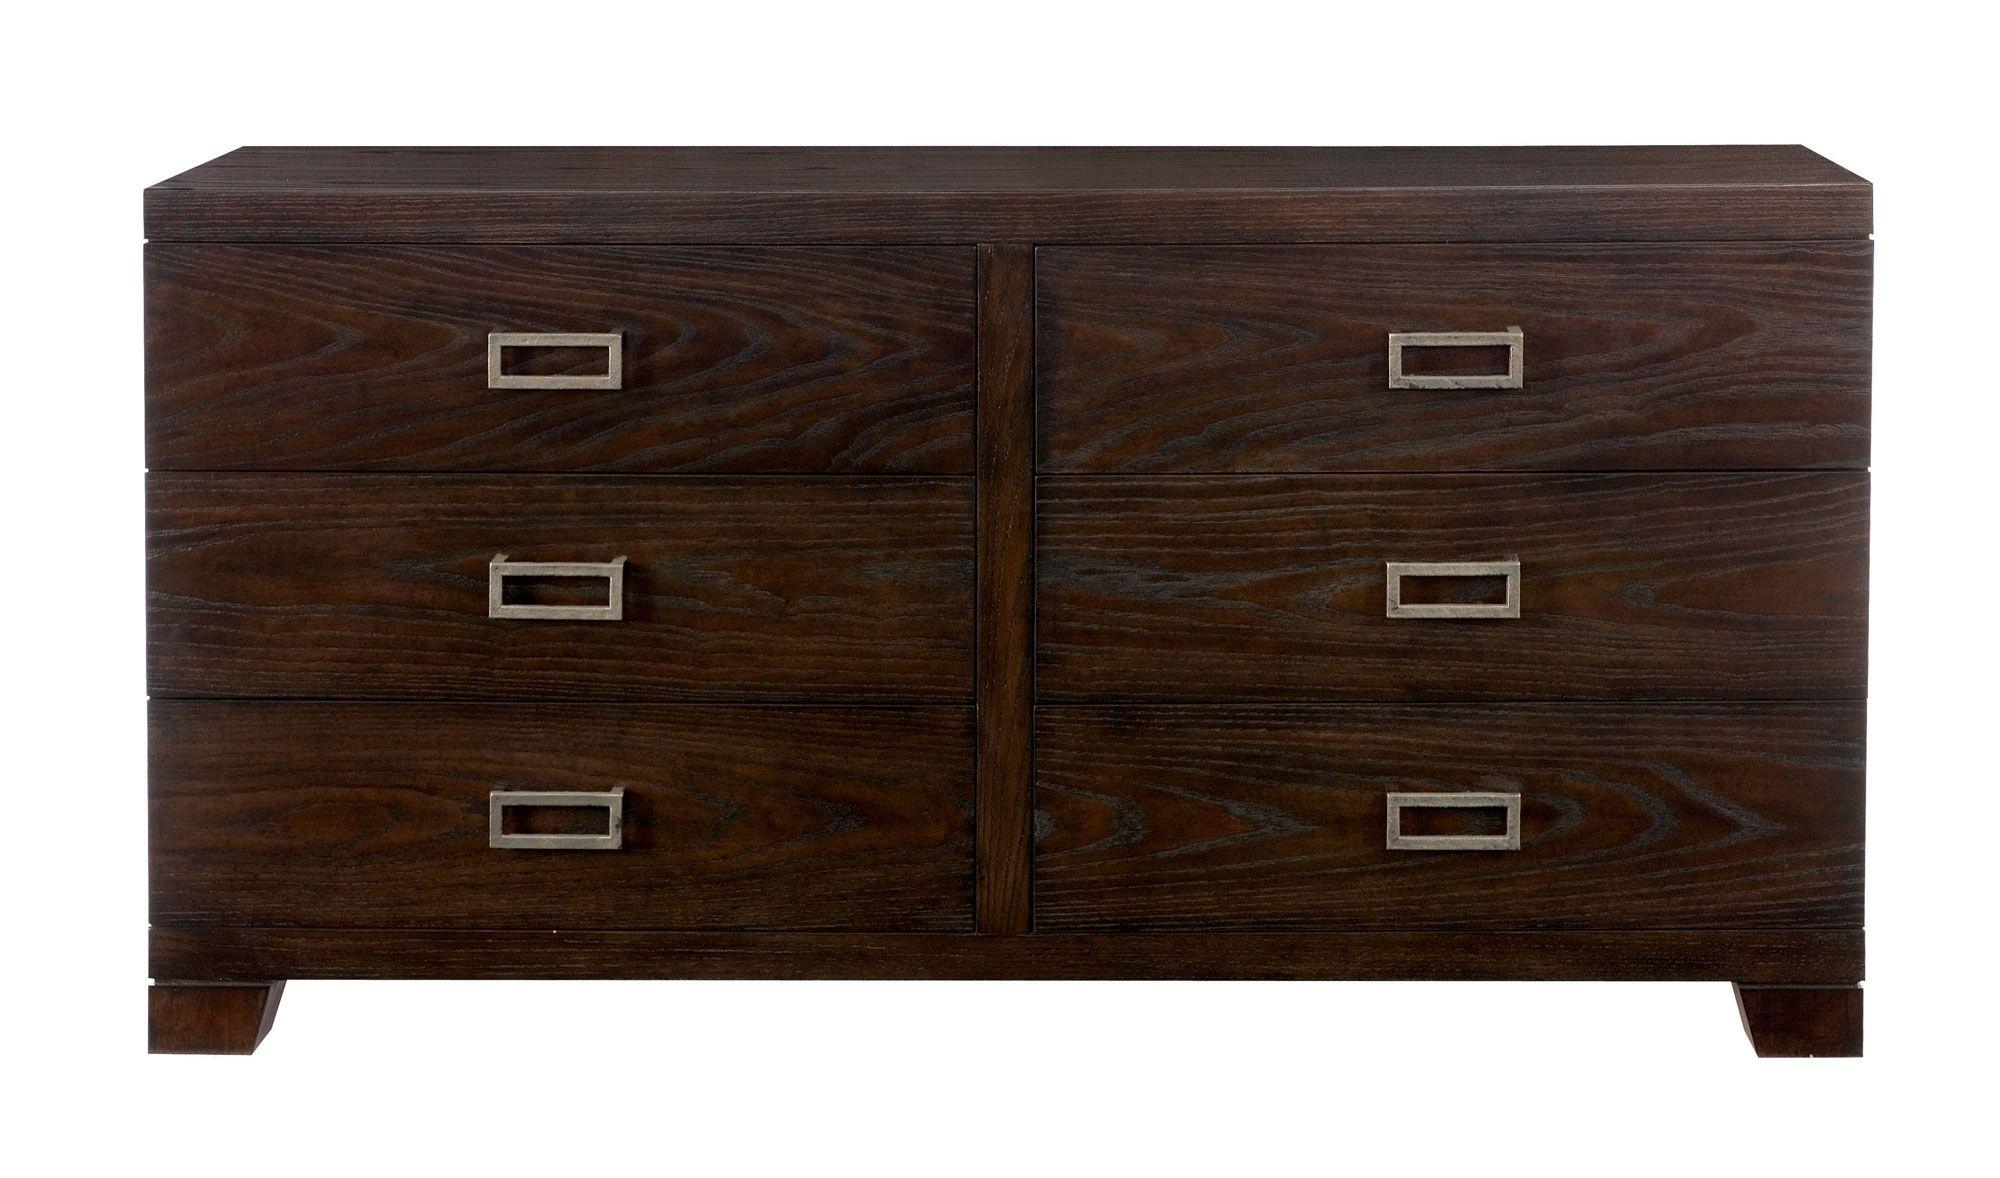 fab9a5e831d9 Bernhardt | Mercer Dresser (339-042) | STYLE-Neo-Classical ...